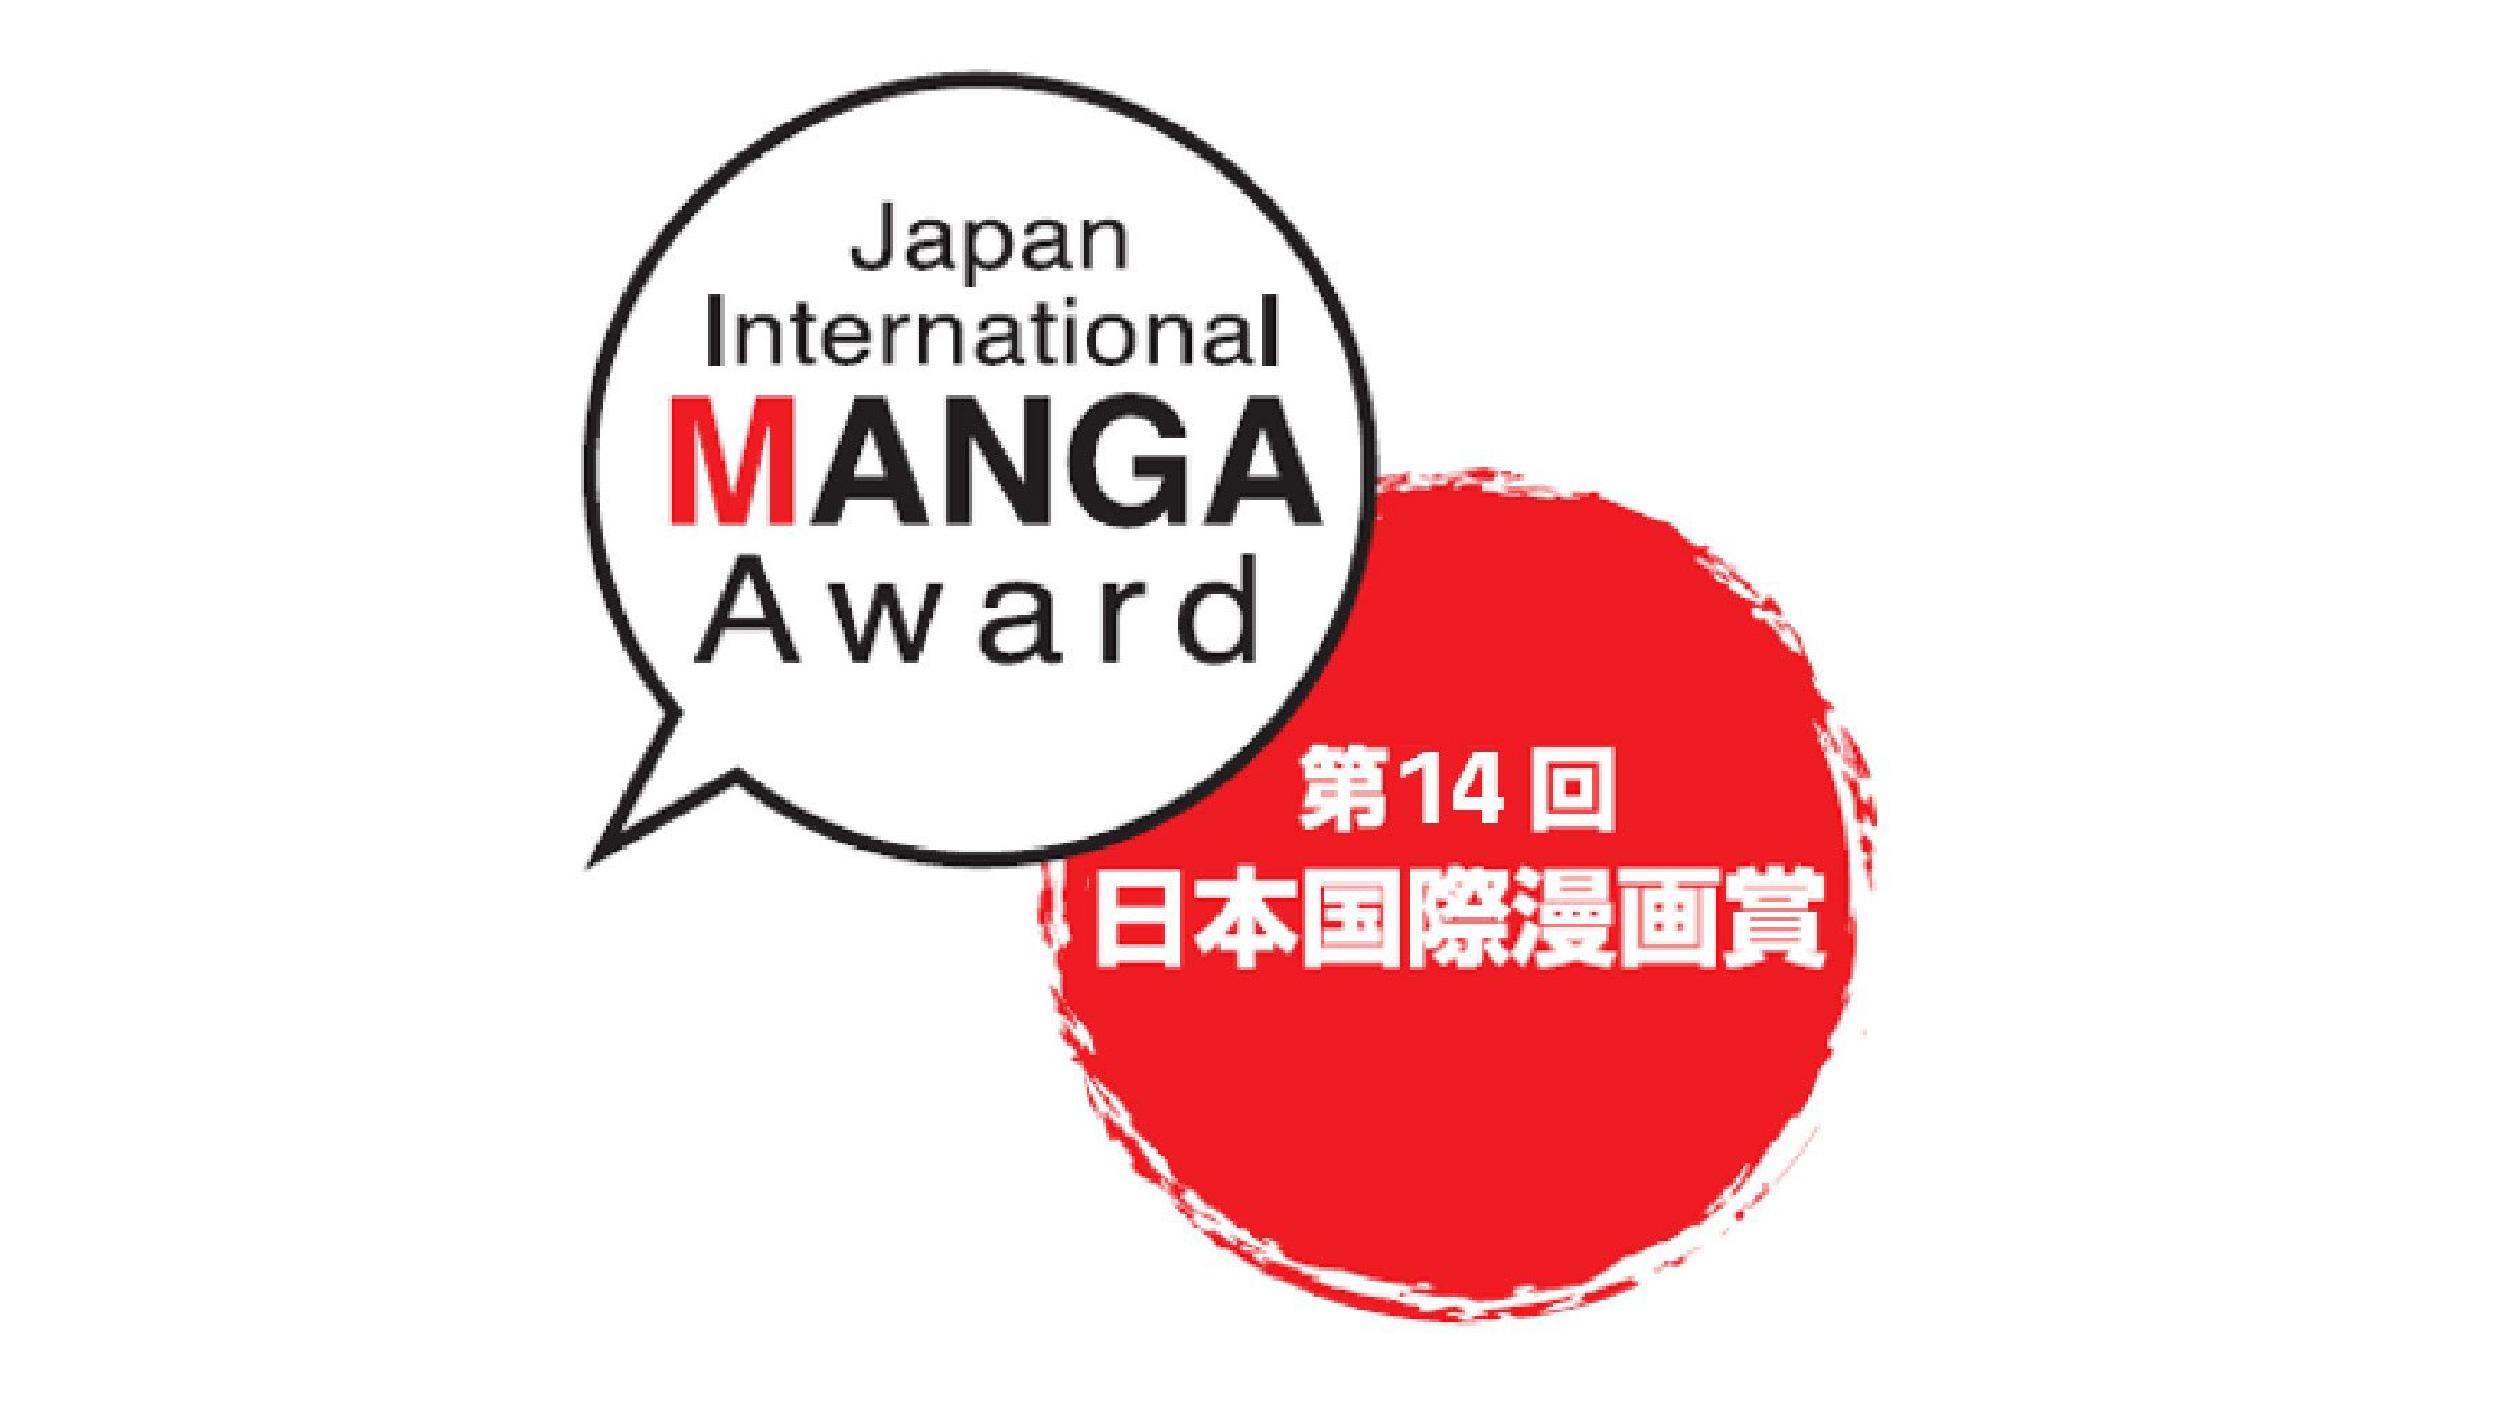 日本第14屆國際漫畫奬 臺灣漫畫家創同時榮獲金銀銅獎佳績